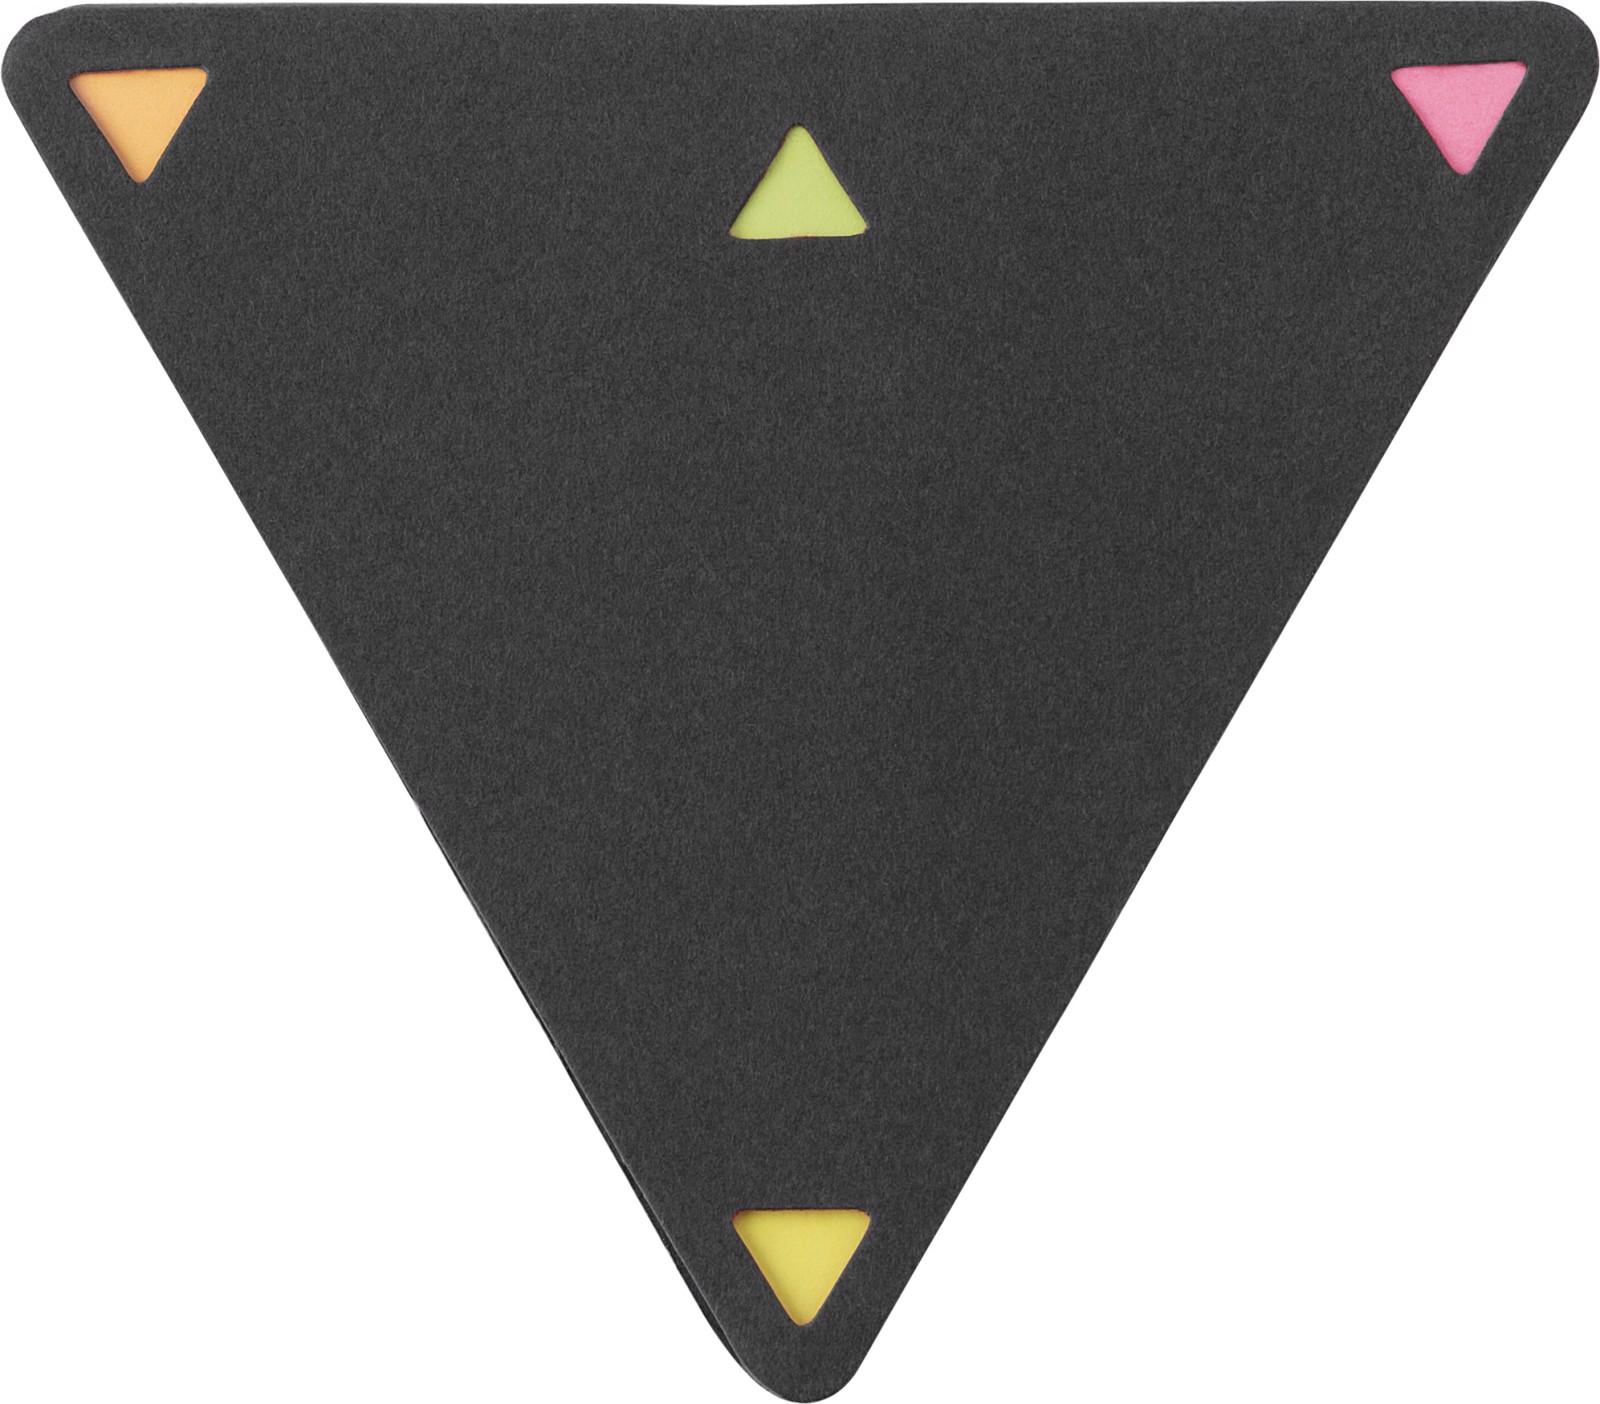 Soporte de papel y notas adhesivas - Black